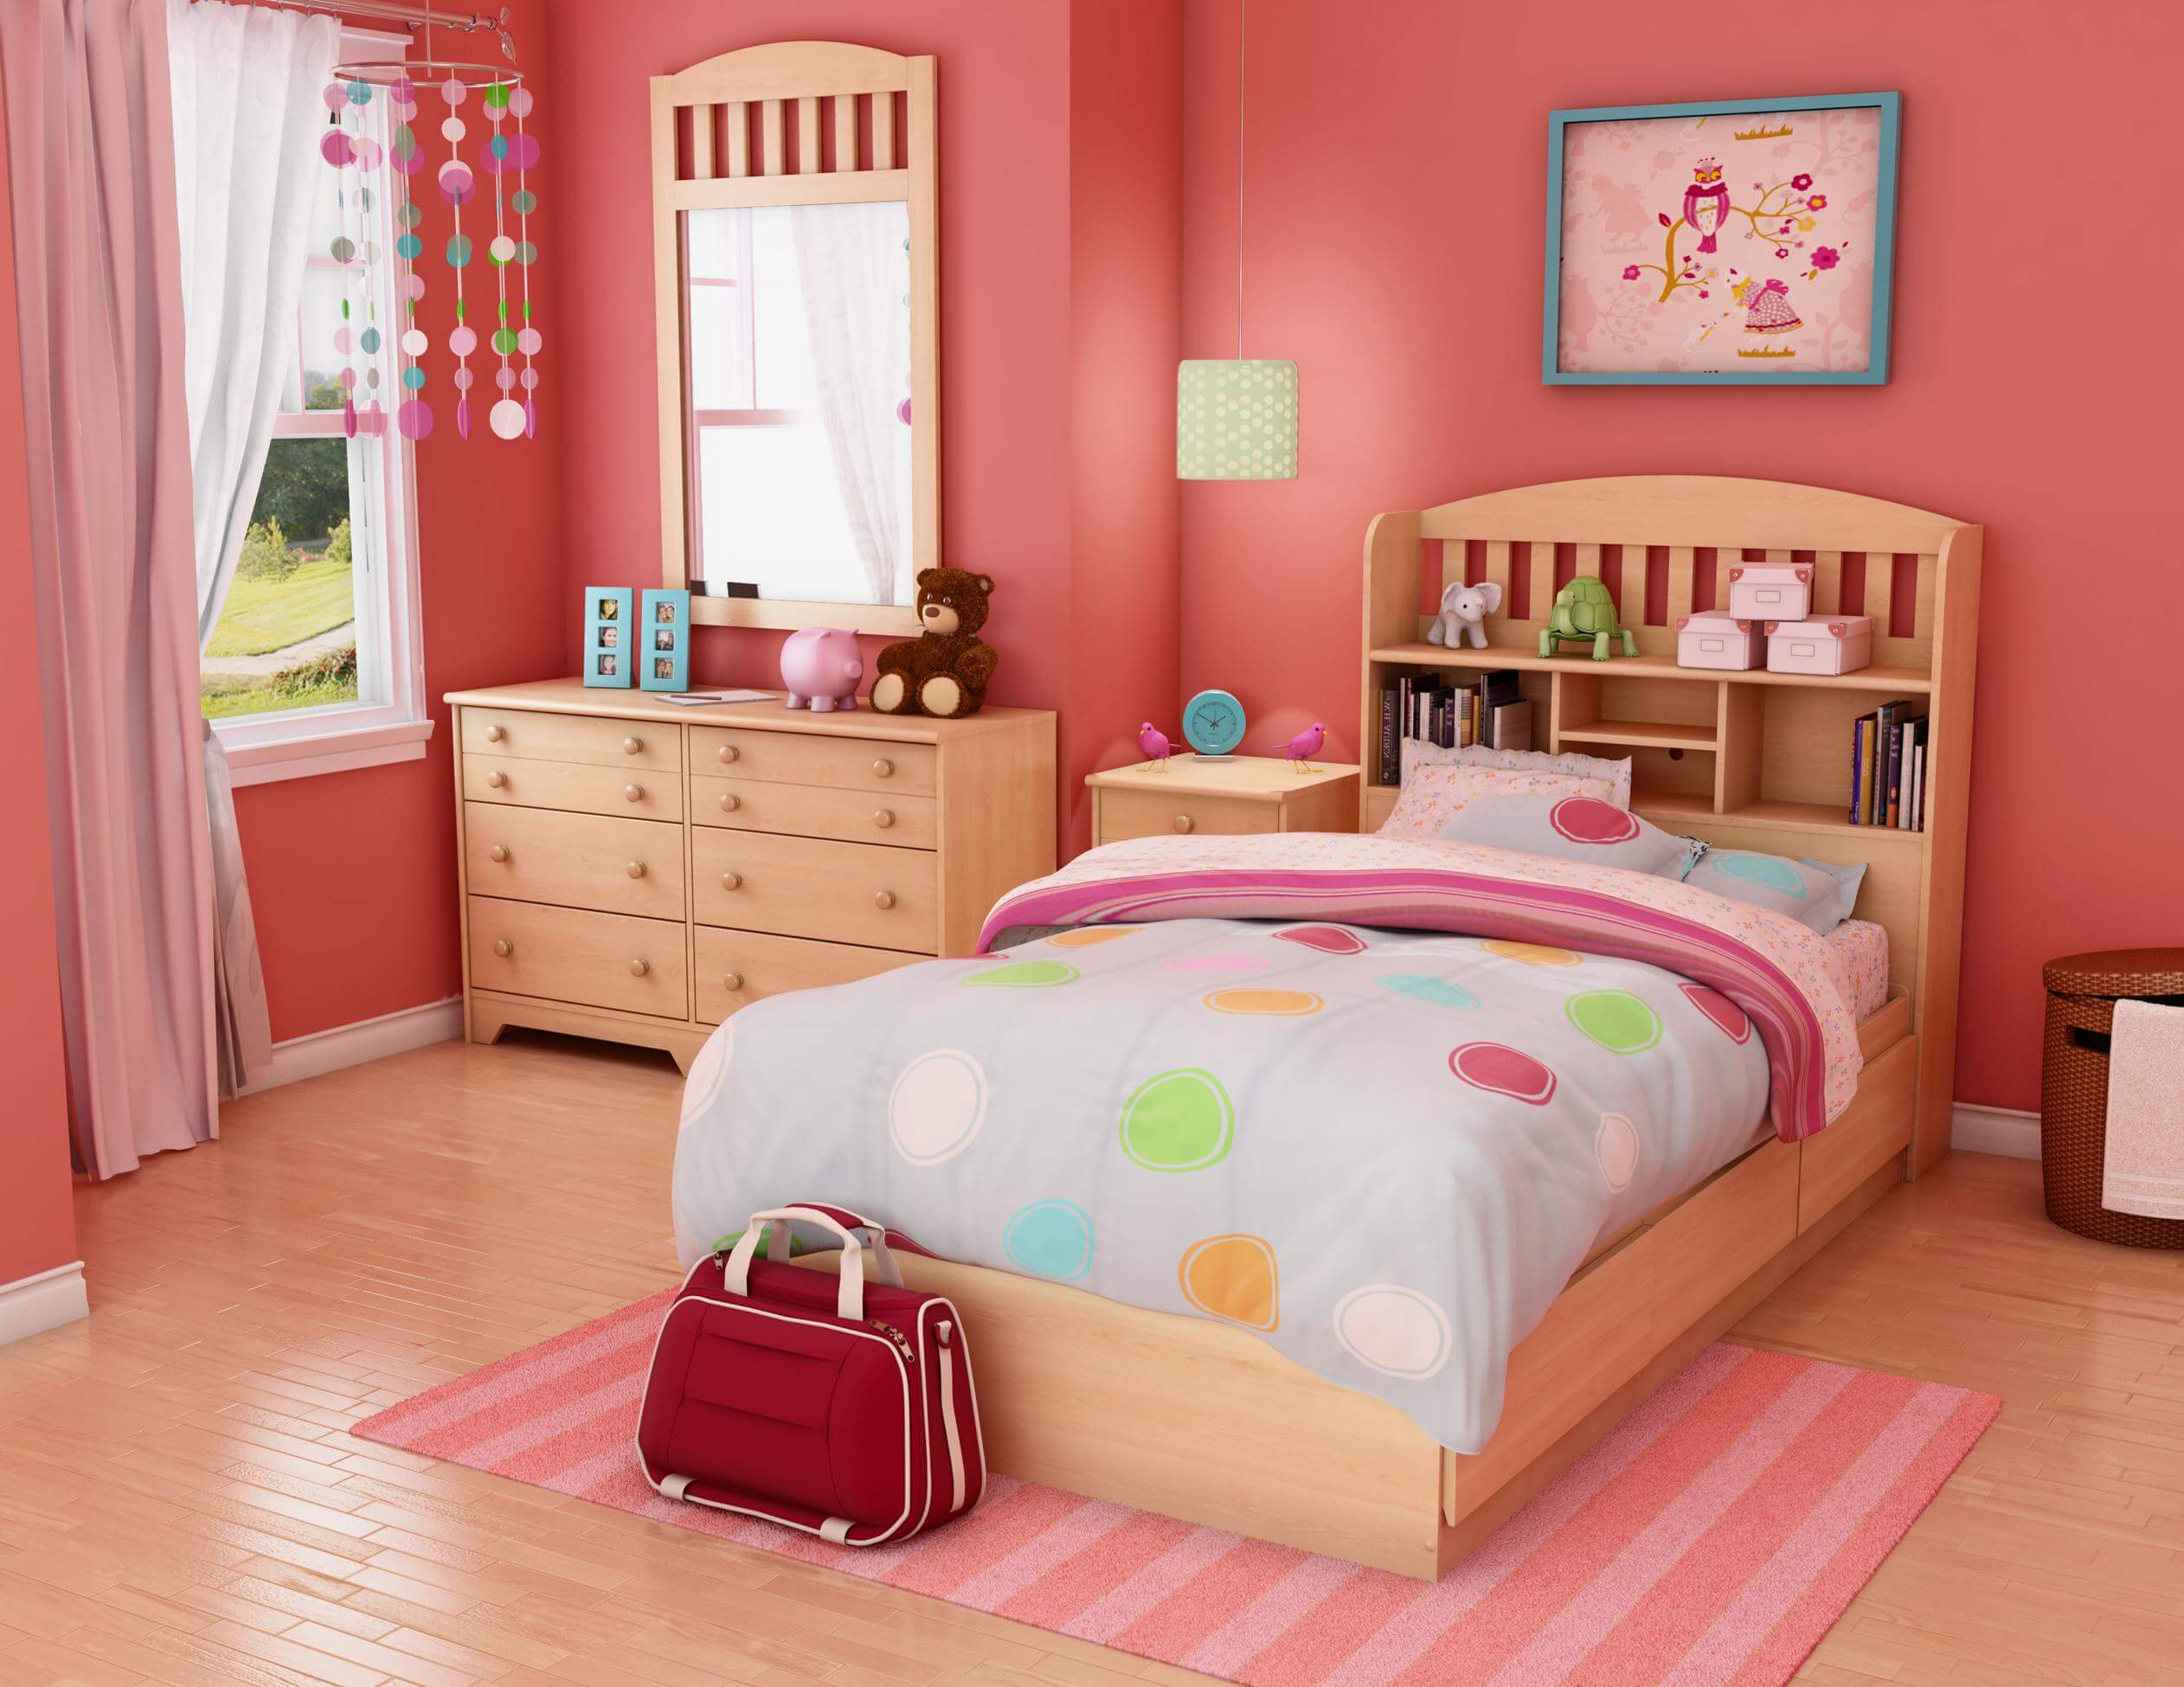 صور دهان غرف الاطفال , كتالوجات لدهان غرف الاطفال